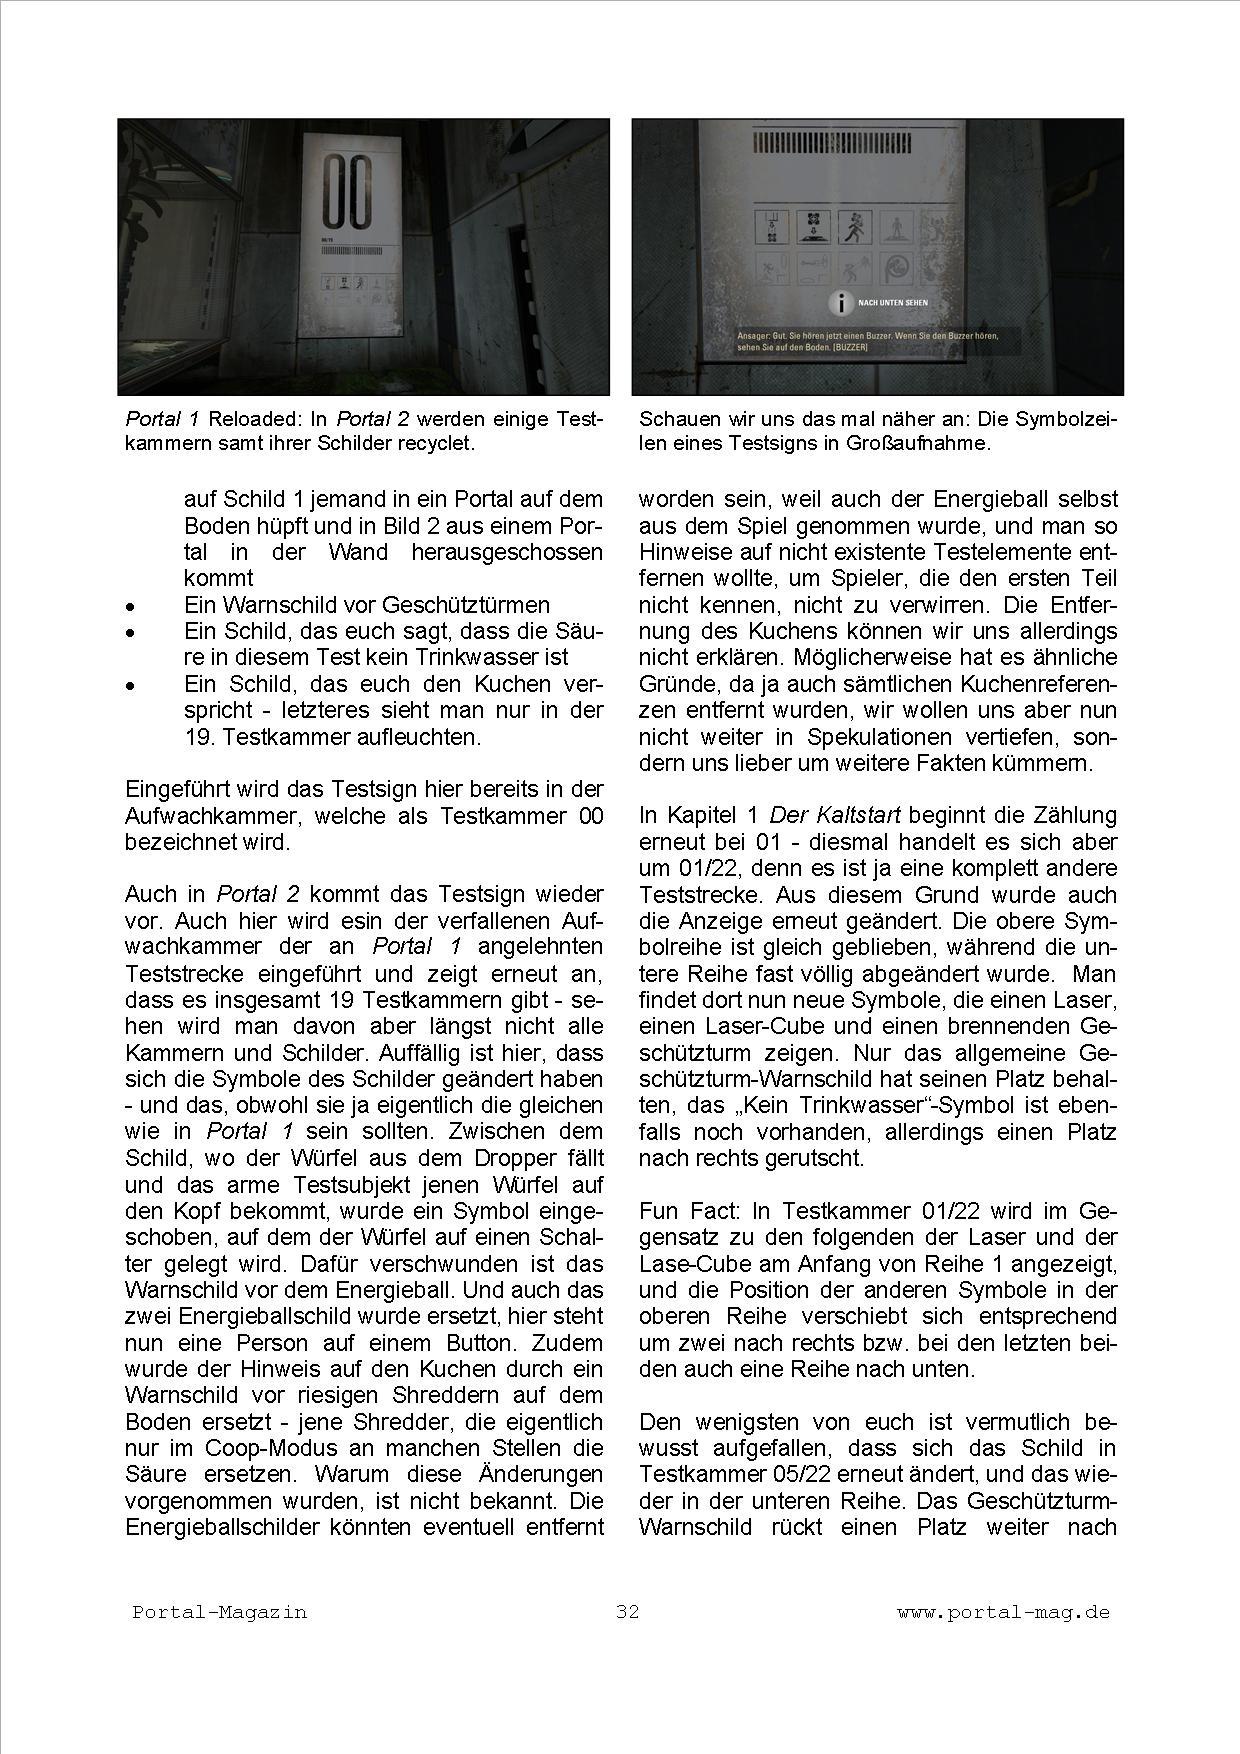 Ausgabe 30, Seite 32